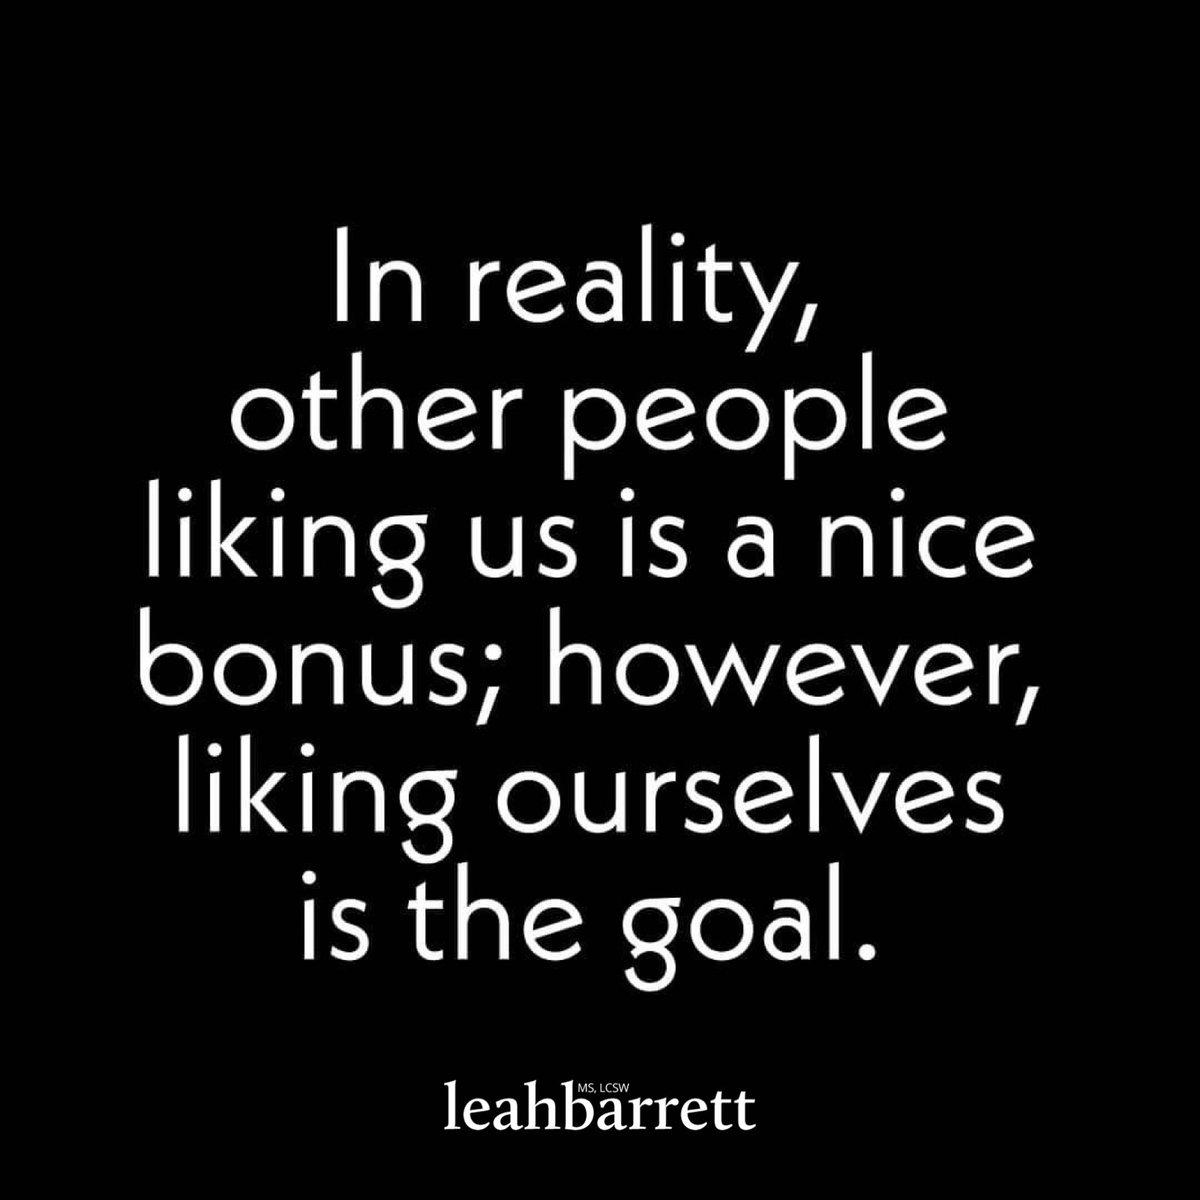 #wednesdaywisdom ✨ #wisdom #wisdomwednesday #wordsofwisdom #wordsofadvice #loveyourself #selflove #leahbarrett